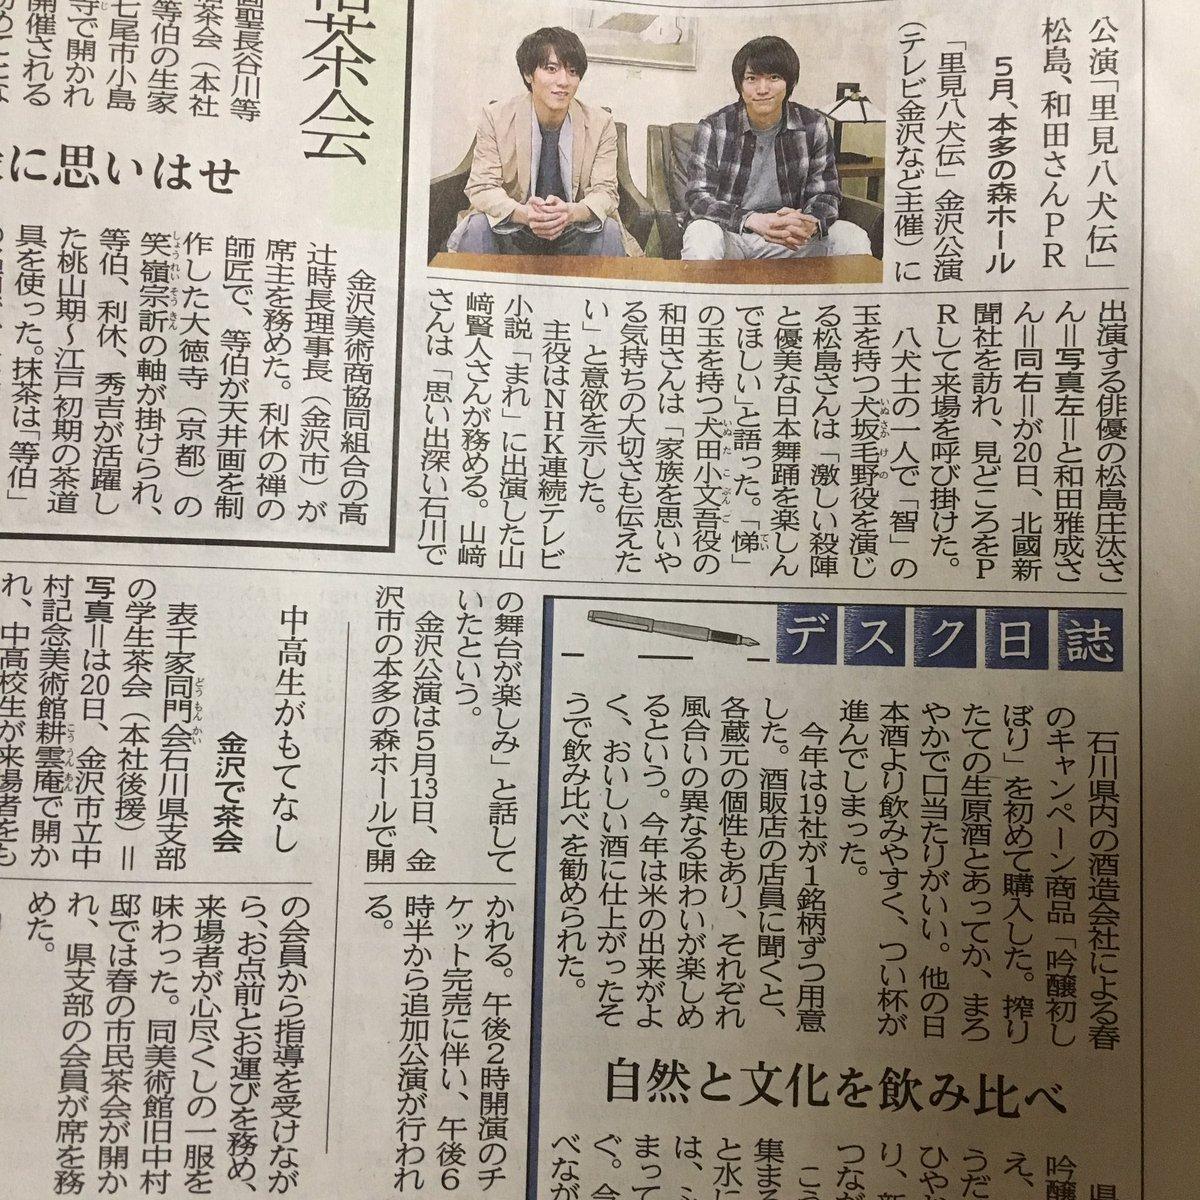 3月21日 北國新聞にて5月「里見八犬伝」金沢公演山﨑さんは「思い出深い石川での舞台が楽しみ」と話していた金沢で来月13